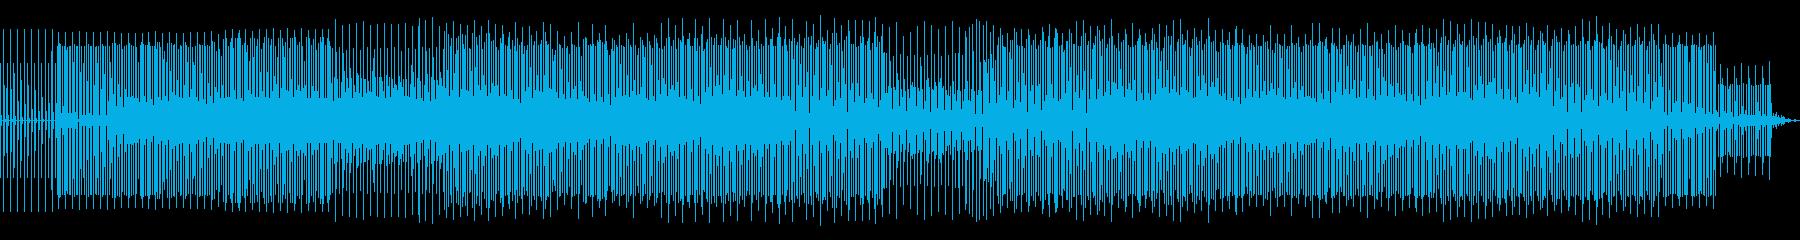 海辺でずっと聴けるハウスミュージックの再生済みの波形